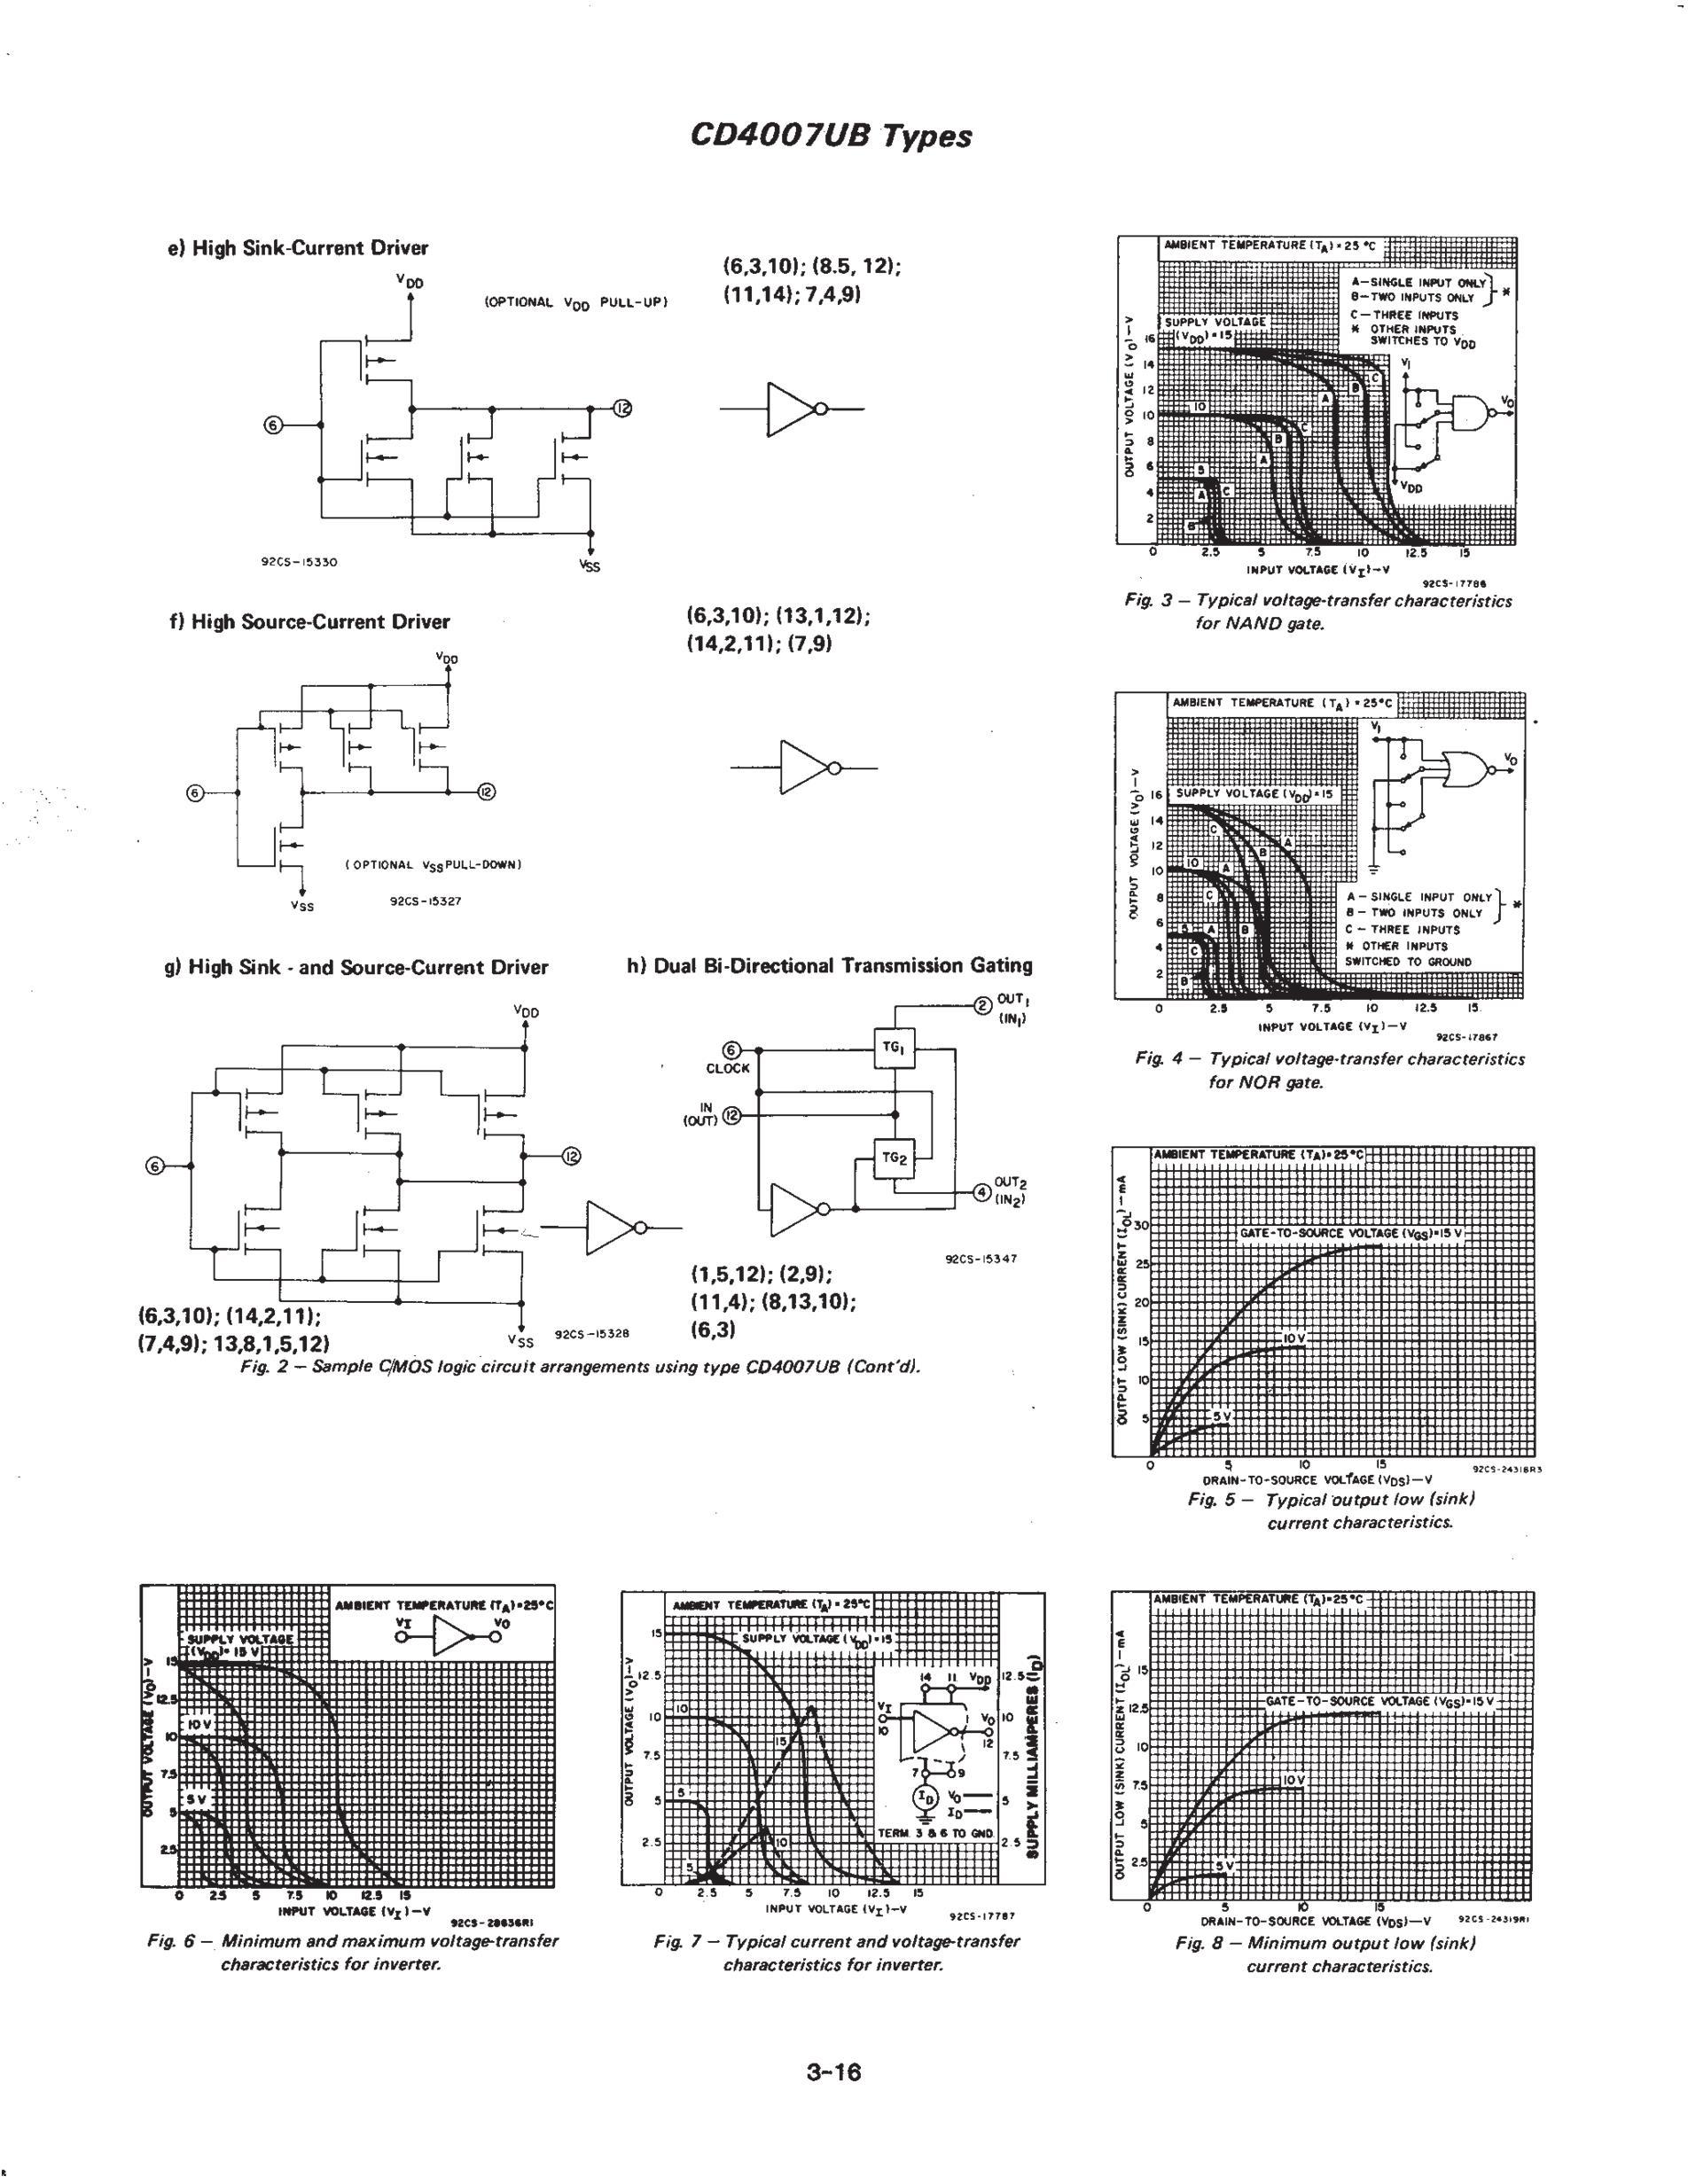 CD4031BNSR's pdf picture 3